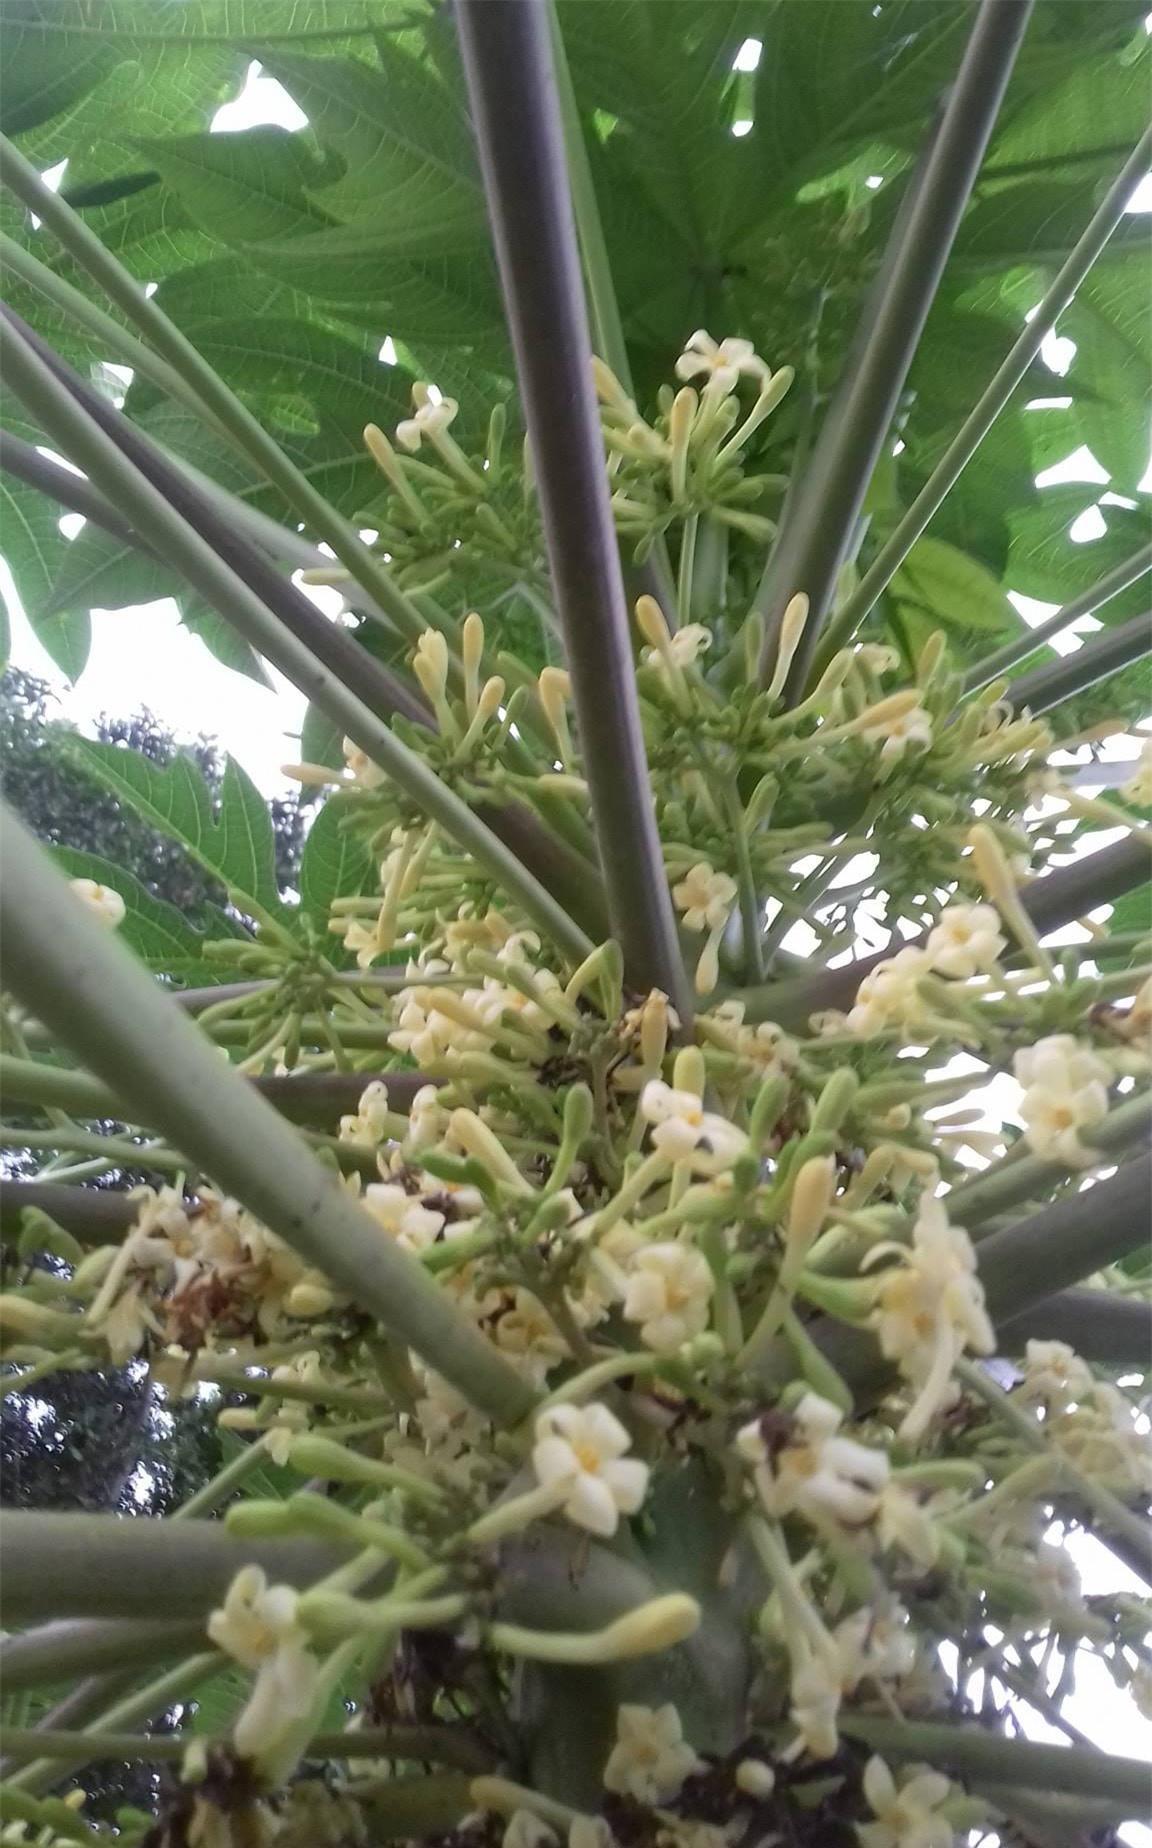 Hoa đu đủ đực: Loại hoa trước đây vứt đi nay được gom bán tiền triệu/kg - Ảnh 1.